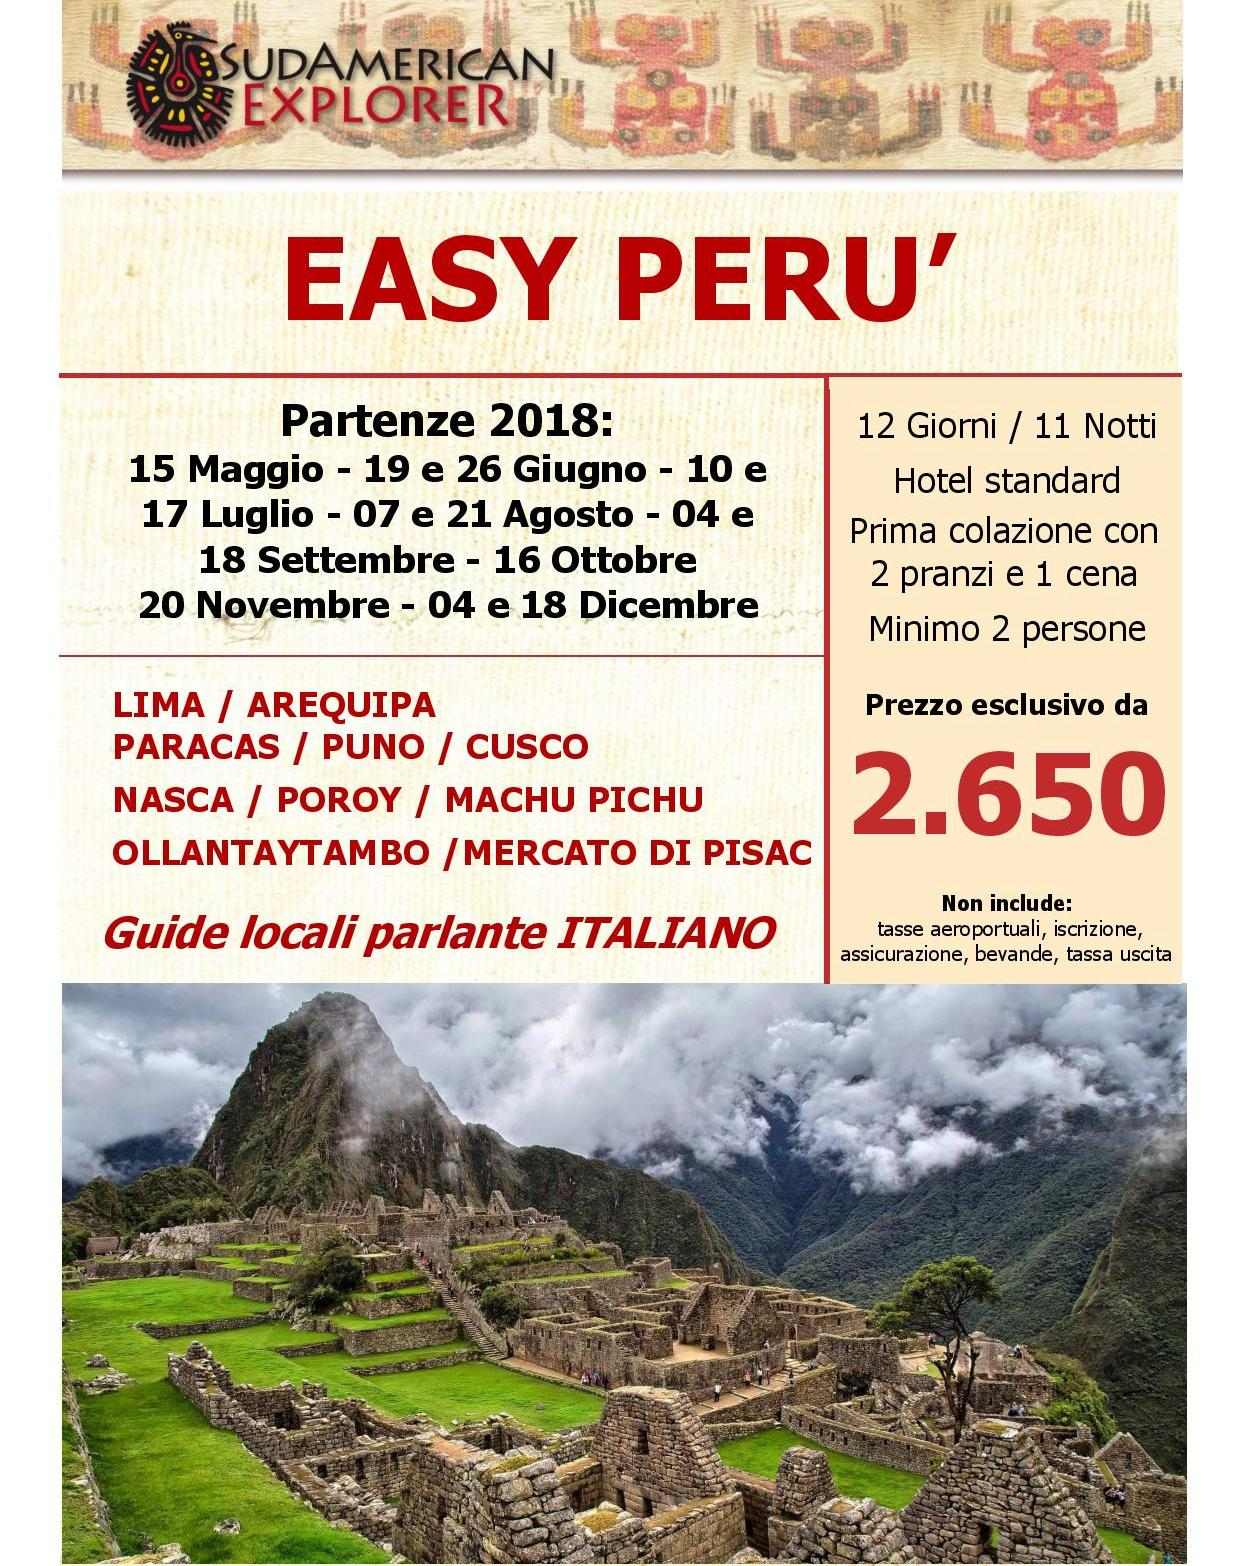 Easy Perù - partenze del 2018 con guida parlante italiano